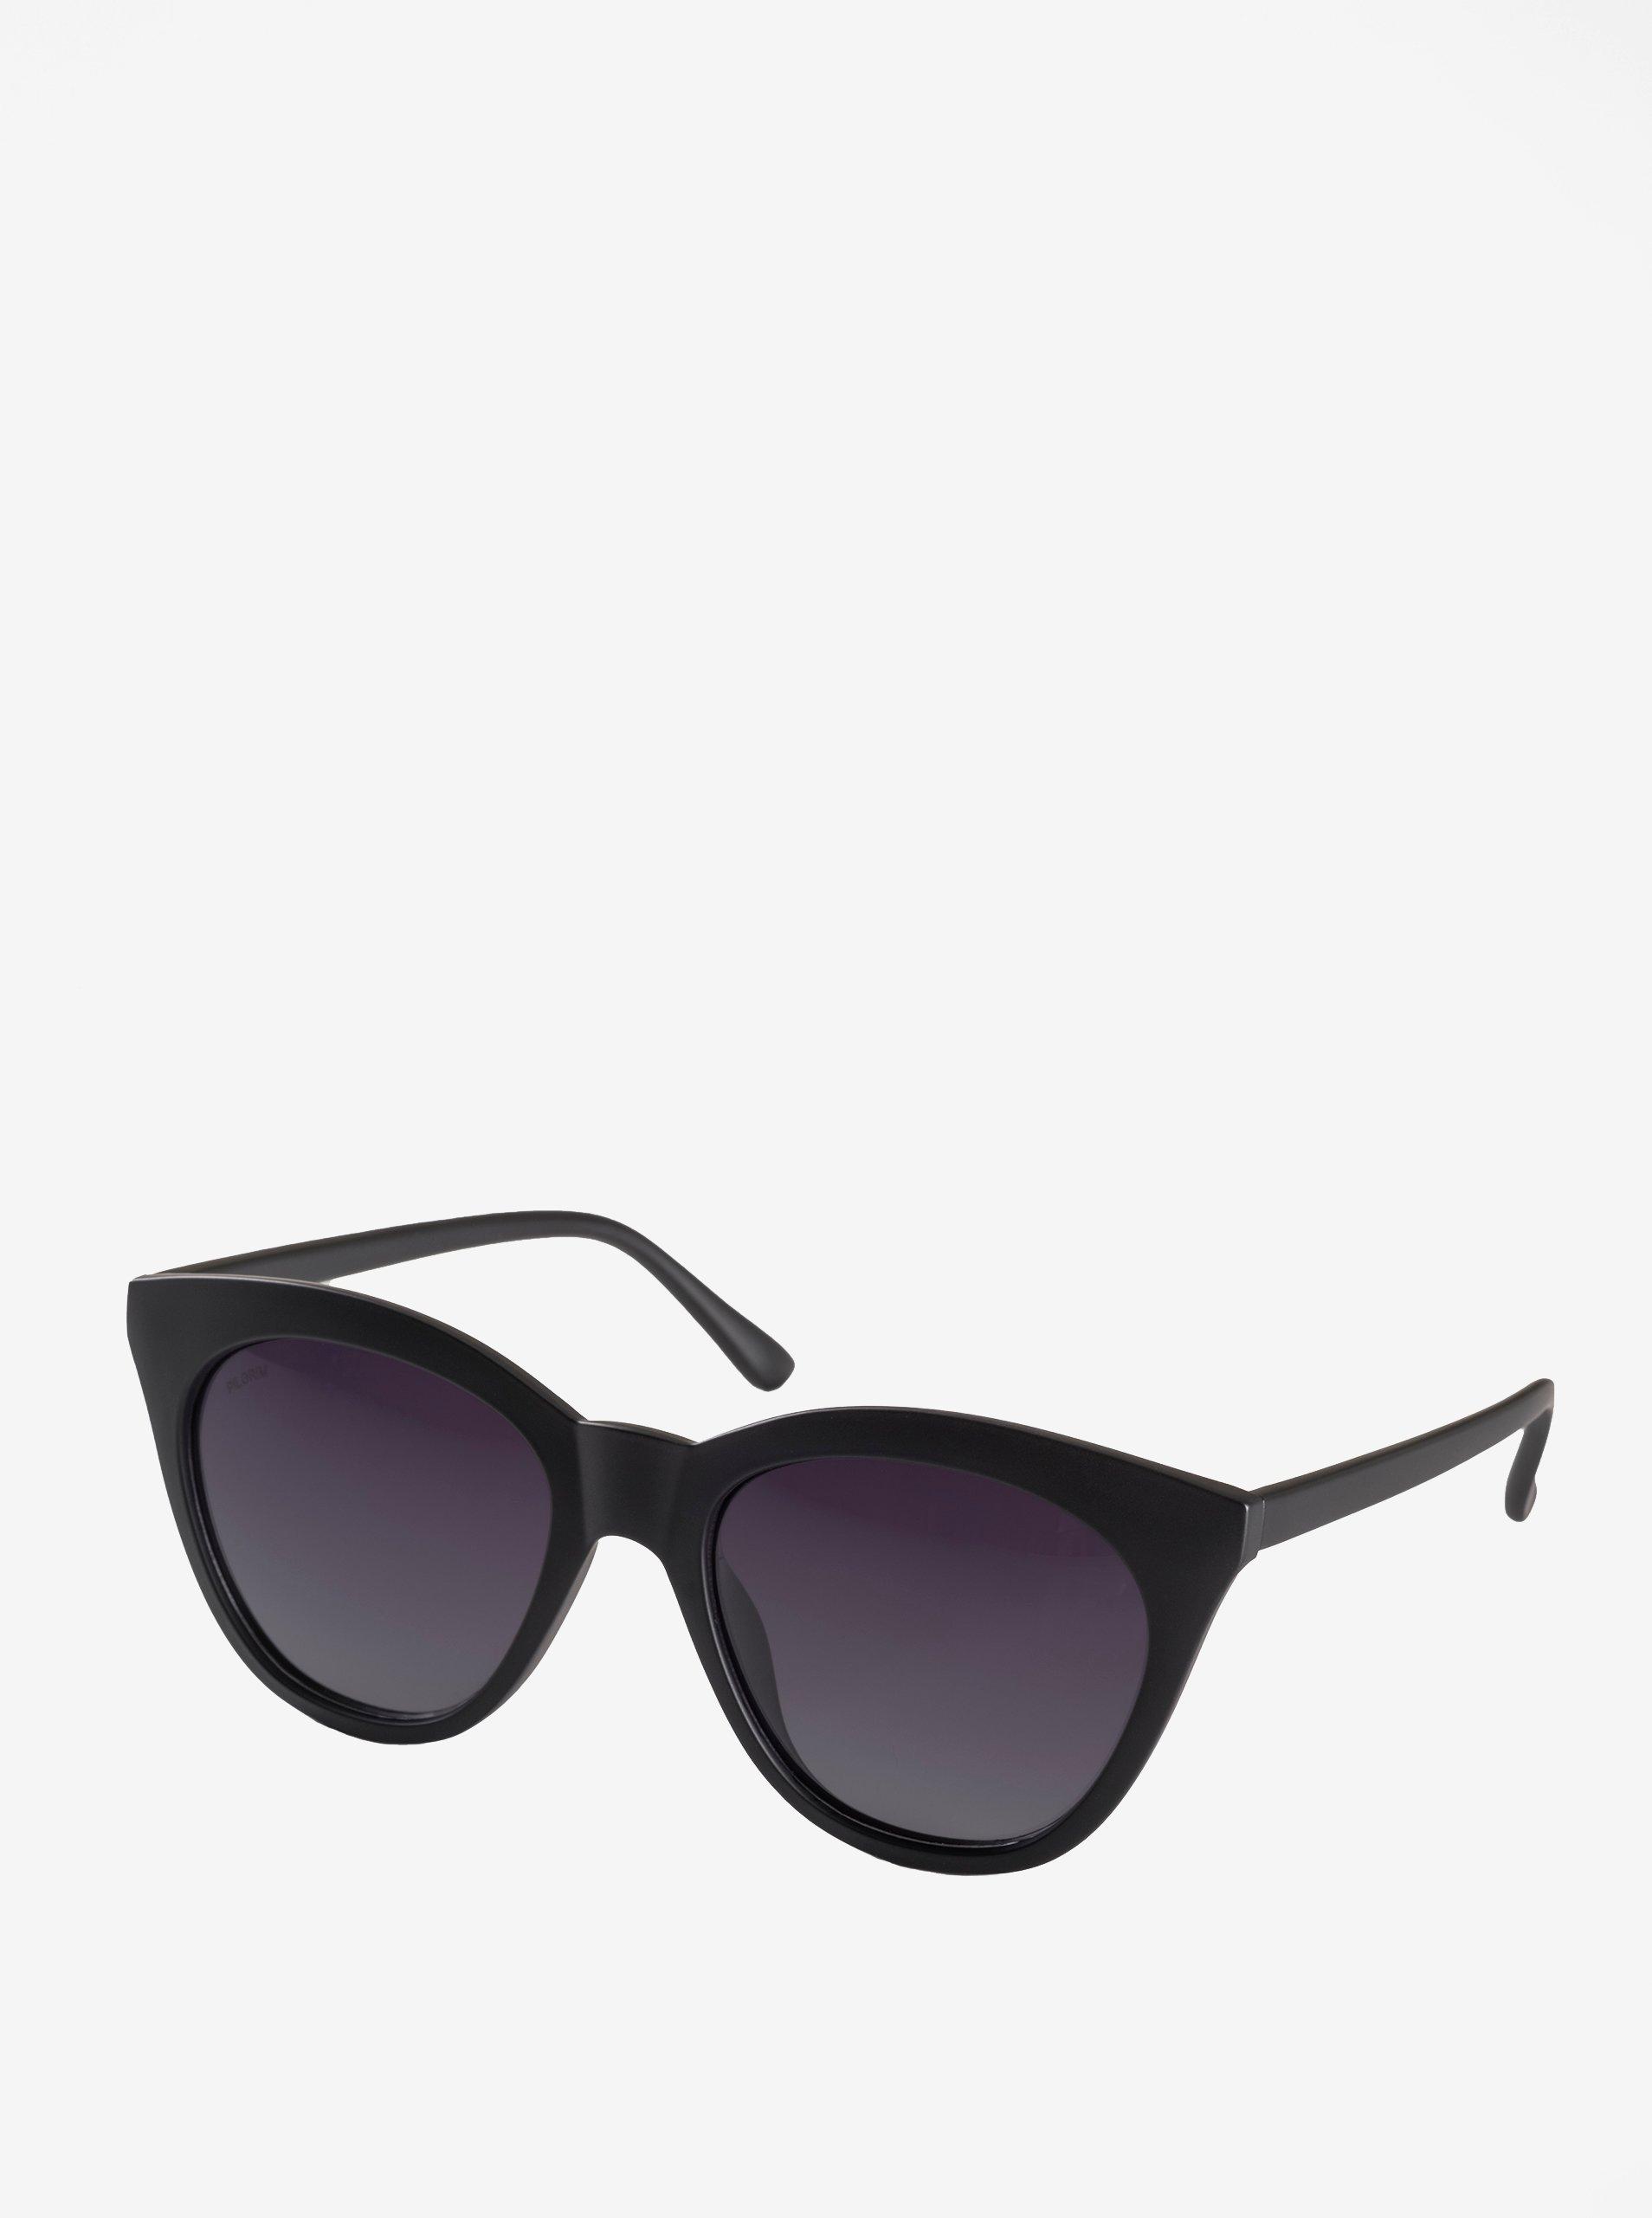 Čierne dámske slnečné okuliare Pilgrim Ivy 482fbcb4e80